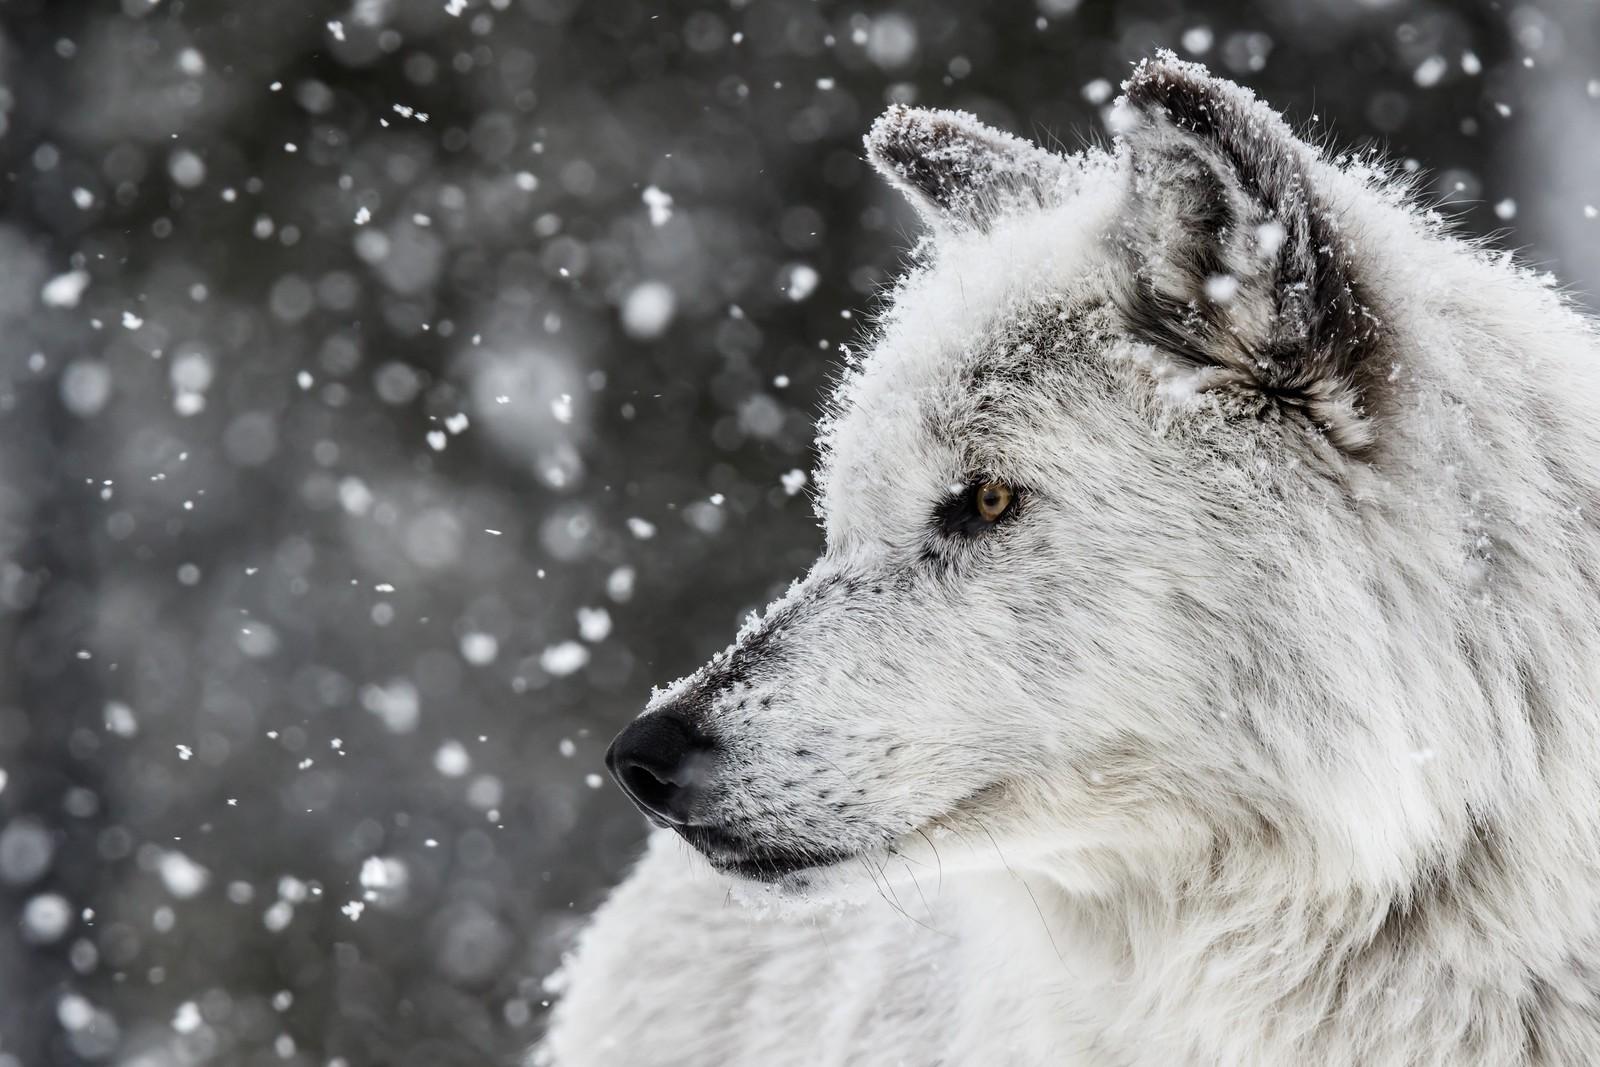 Fond d 39 cran animaux monochrome la nature neige for Fond ecran hiver animaux